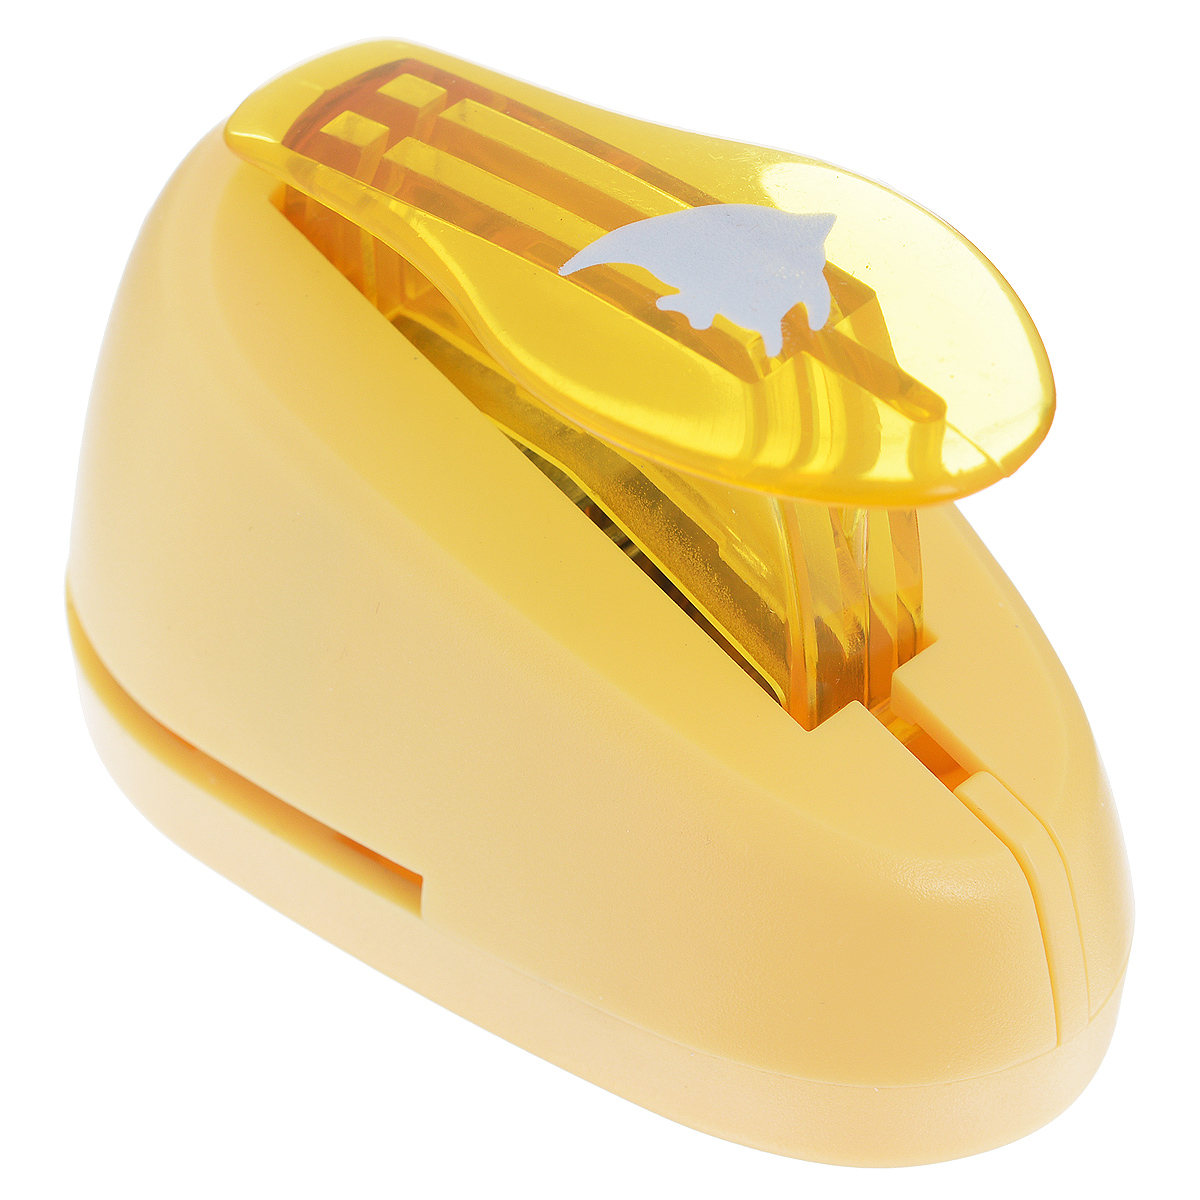 Дырокол фигурный Астра Рыбка. CD-99S7709603_90Дырокол Астра Рыбка поможет вам легко, просто и аккуратно вырезать много одинаковых мелких фигурок.Режущие части компостера закрыты пластмассовым корпусом, что обеспечивает безопасность для детей. Вырезанные фигурки накапливаются в специальном резервуаре. Можно использовать вырезанные мотивы как конфетти или для наклеивания. Дырокол подходит для разных техник: декупажа, скрапбукинга, декорирования.Размер дырокола: 7 см х 4 см х 5 см. Размер готовой фигурки: 1 см х 1,3 см.